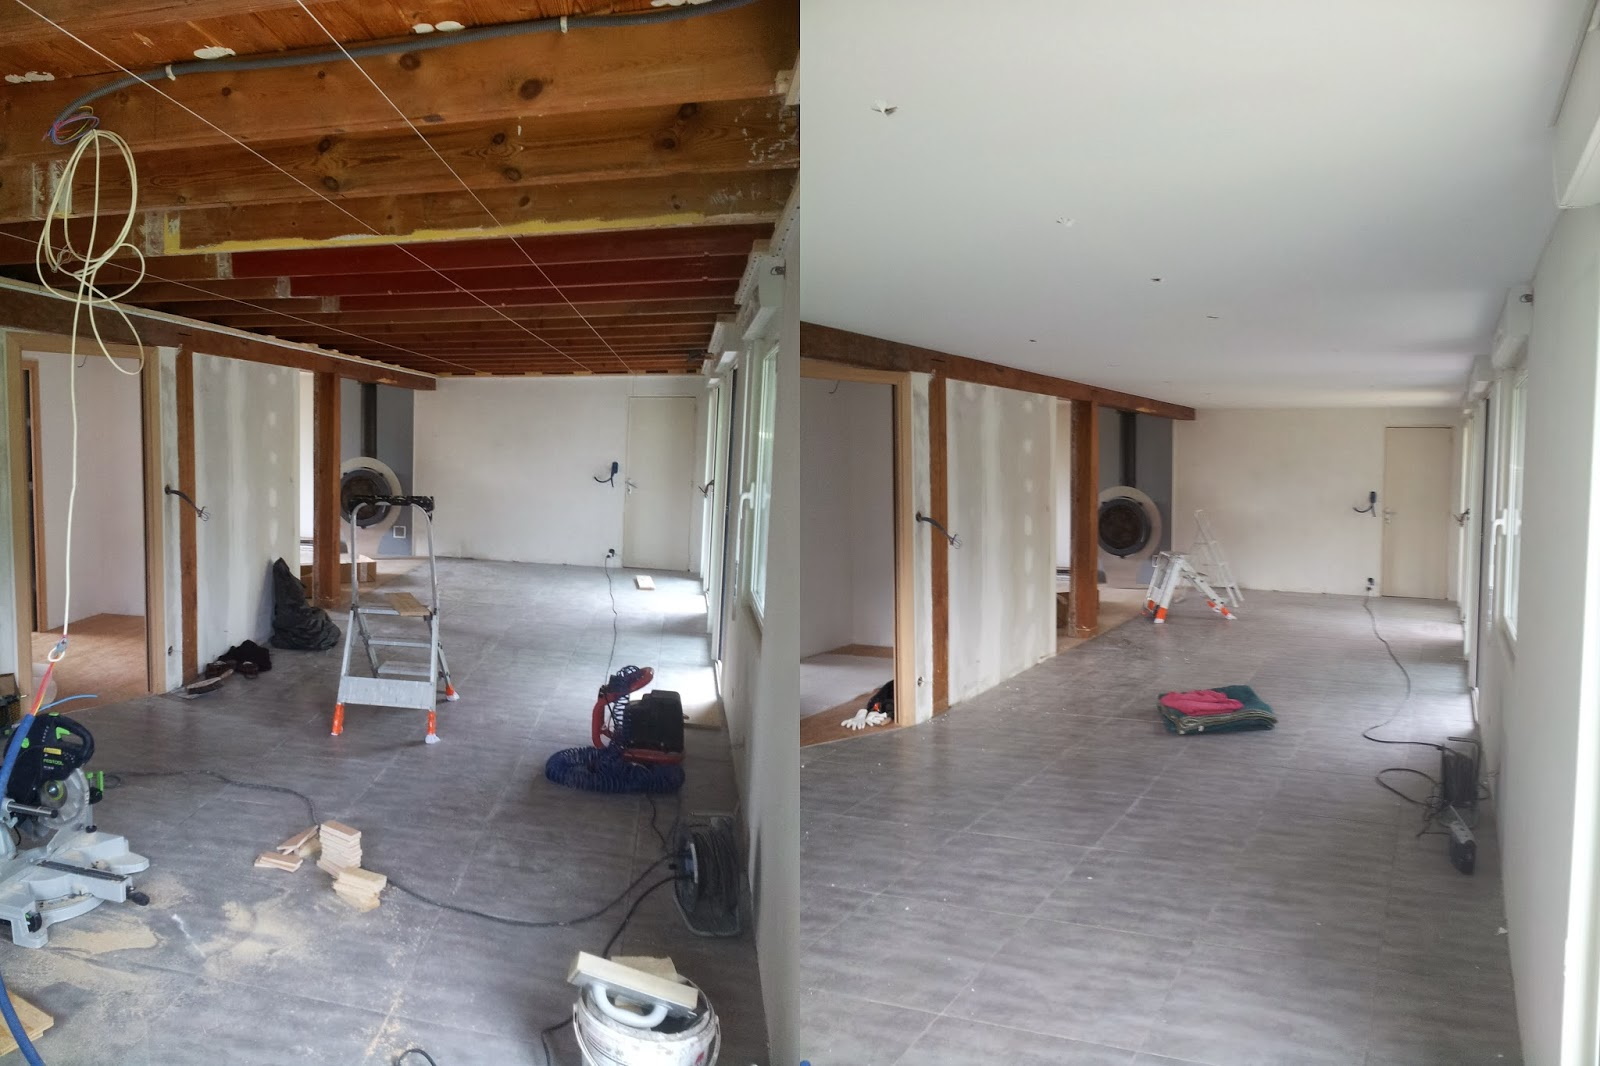 michel le coz agencement d coration avant apr s plafond tendu s jour. Black Bedroom Furniture Sets. Home Design Ideas